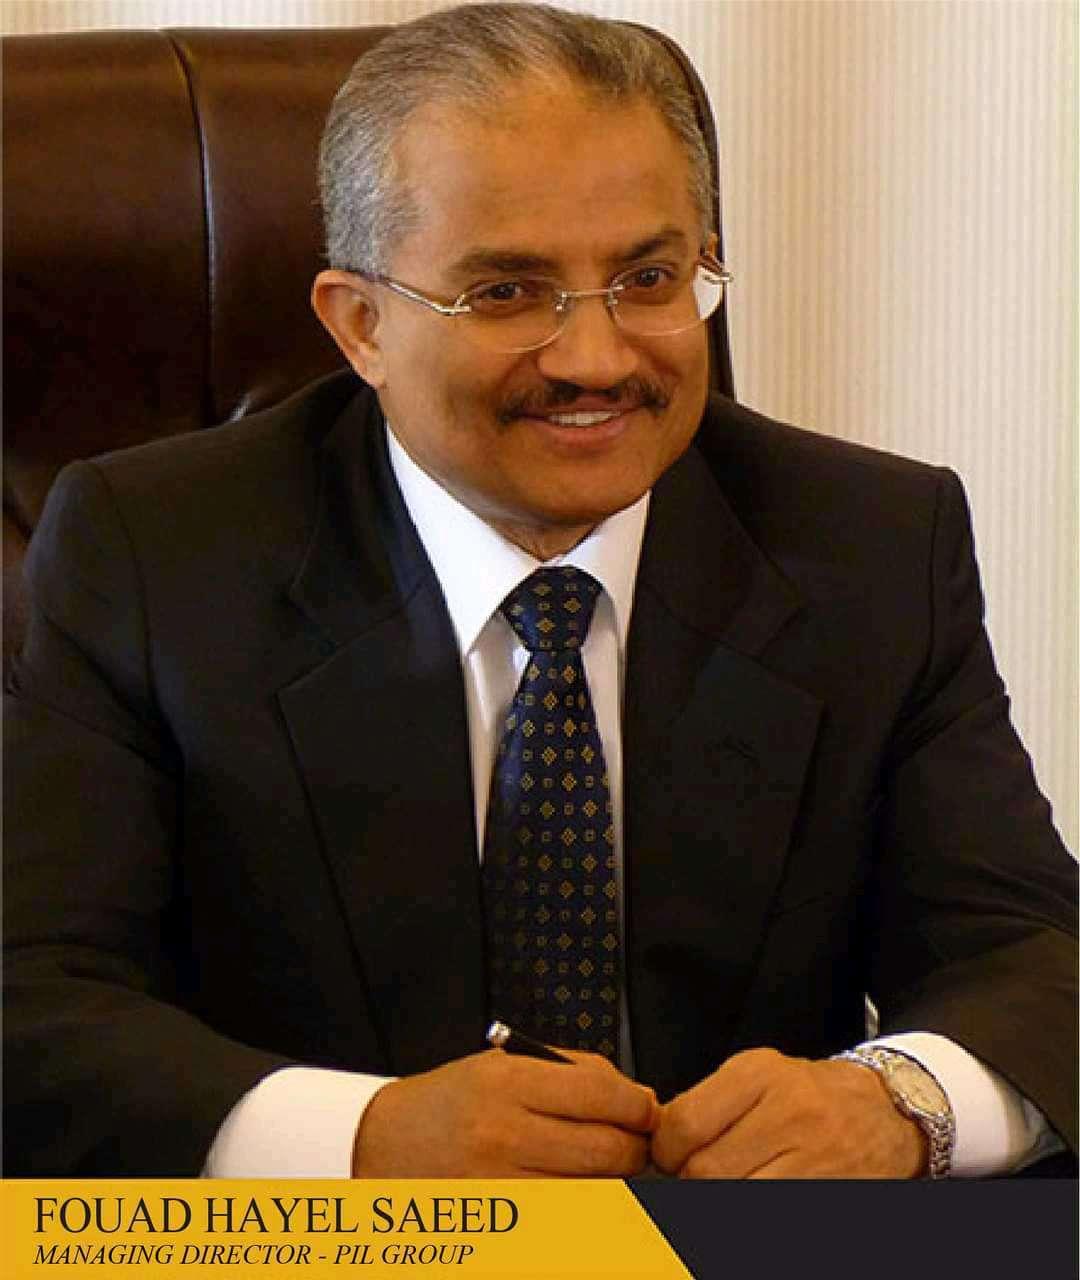 """اكاديمي يمني يوجه رسالة شكر للأستاذ """"فؤاد هائل سعيد انعم"""" لوقوفه إلى جانب اليمنيين في ماليزيا"""